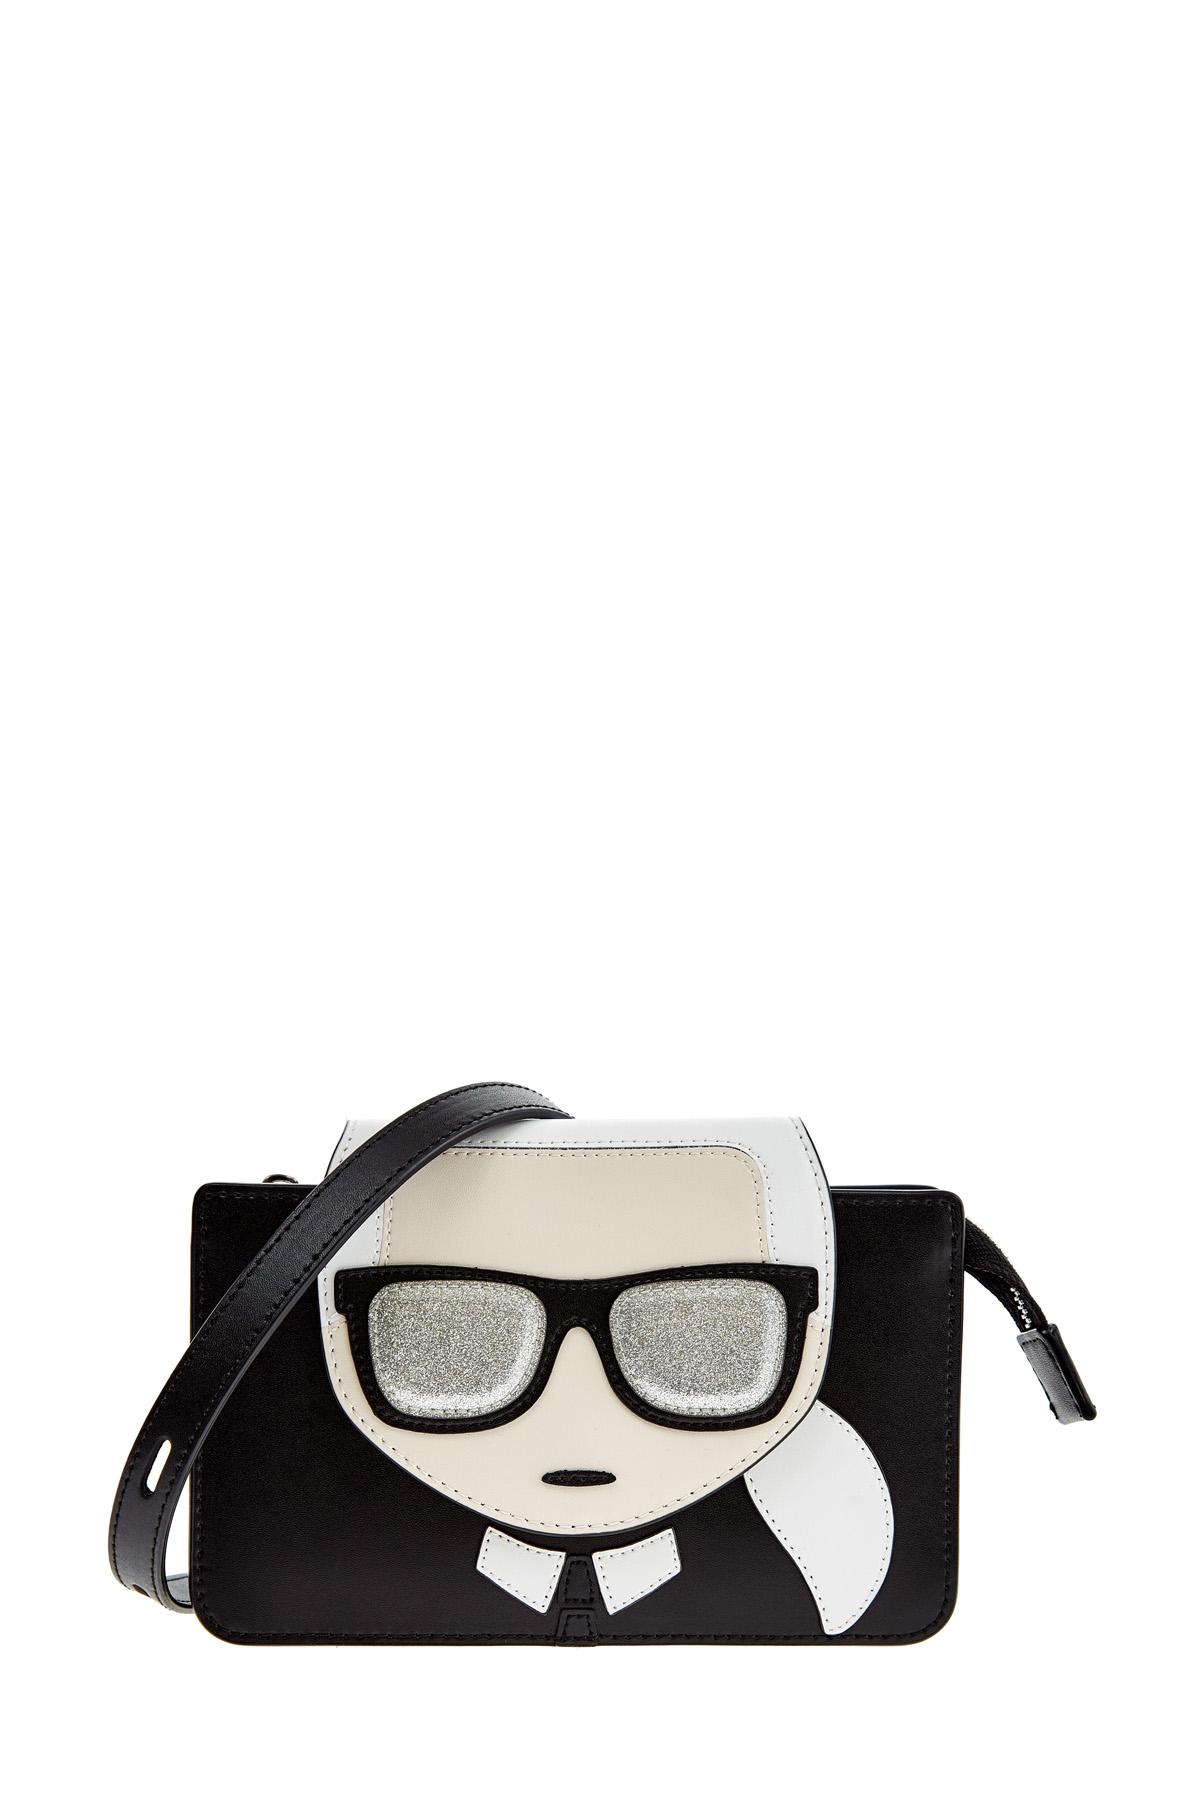 Купить Миниатюрная сумка K/Ikonik с тремя отделениями, KARL LAGERFELD, Италия, кожа 100%